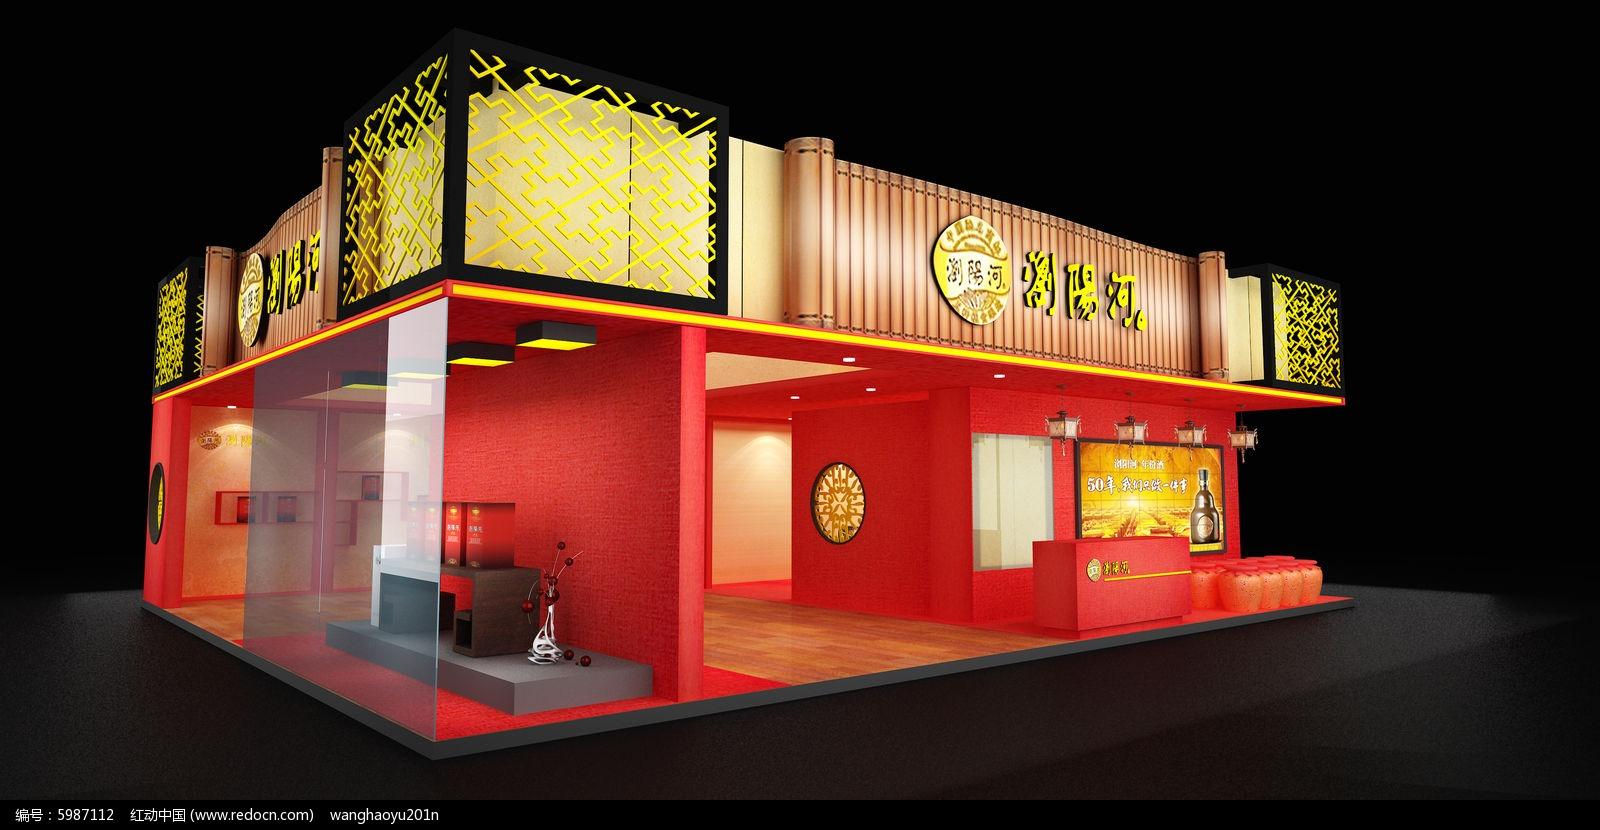 浏阳河展览展示设计图效果图图片